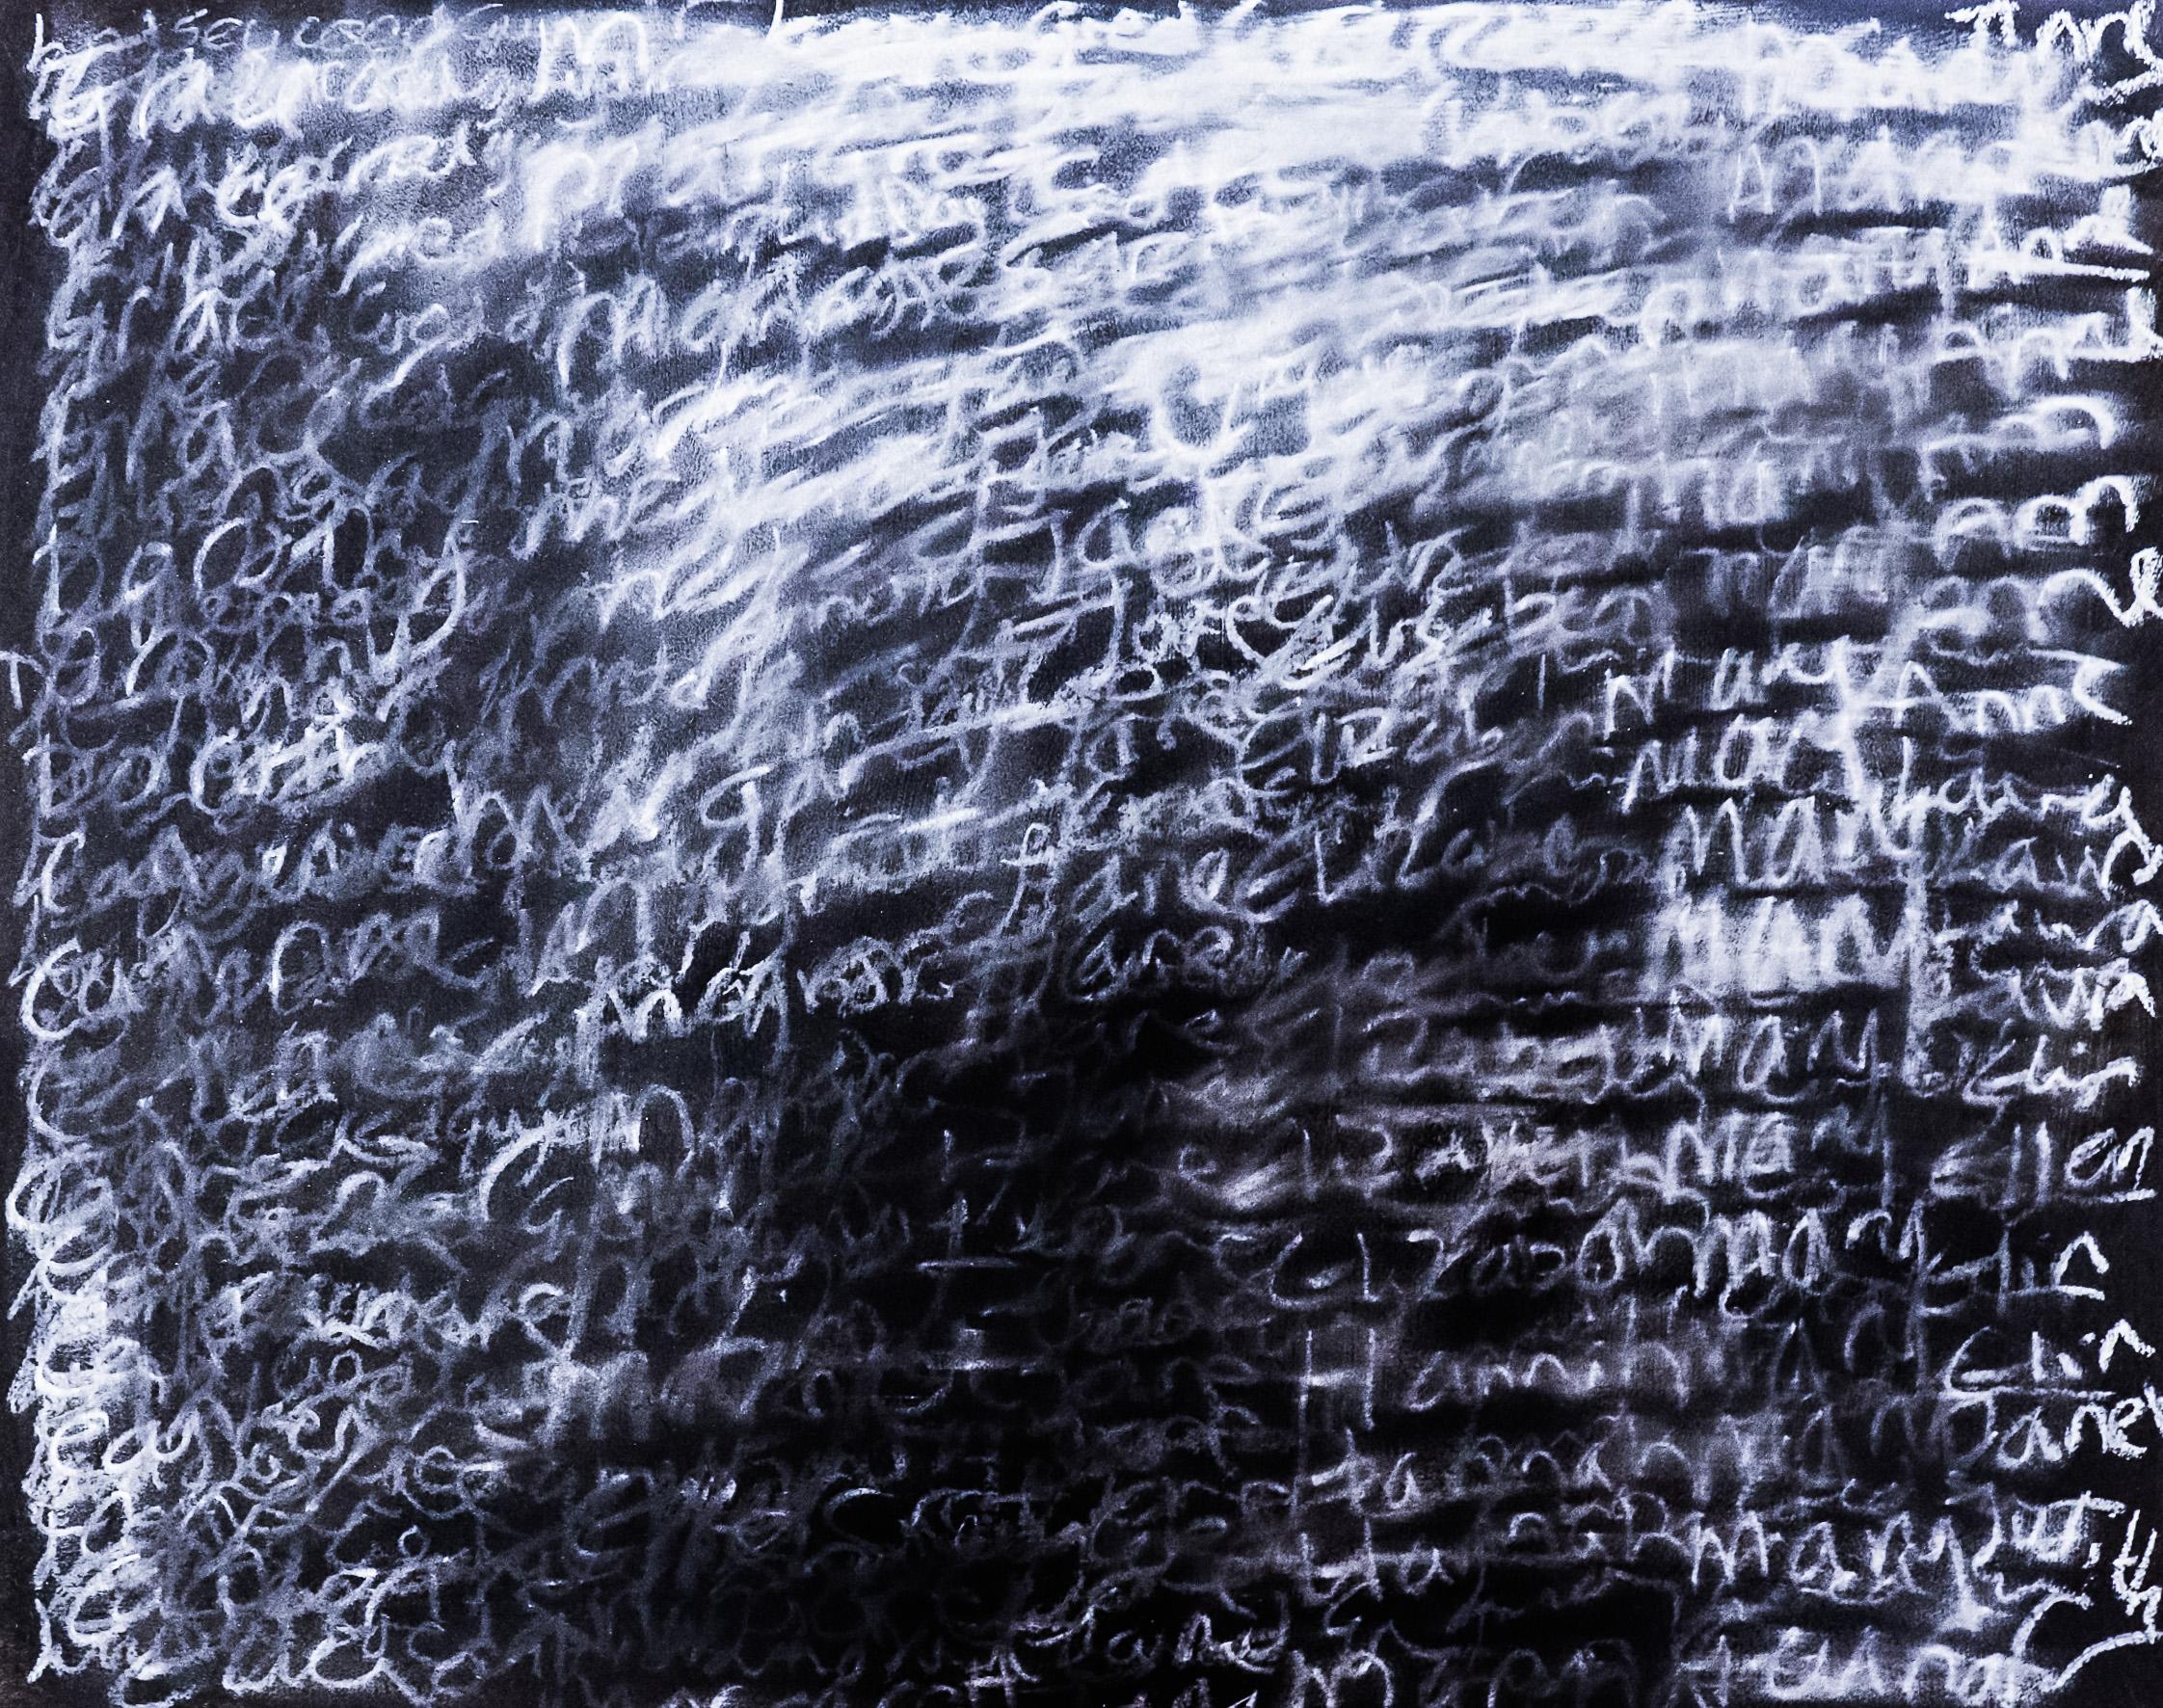 Nantperis mapped onto blackboard (2 of 6).jpg